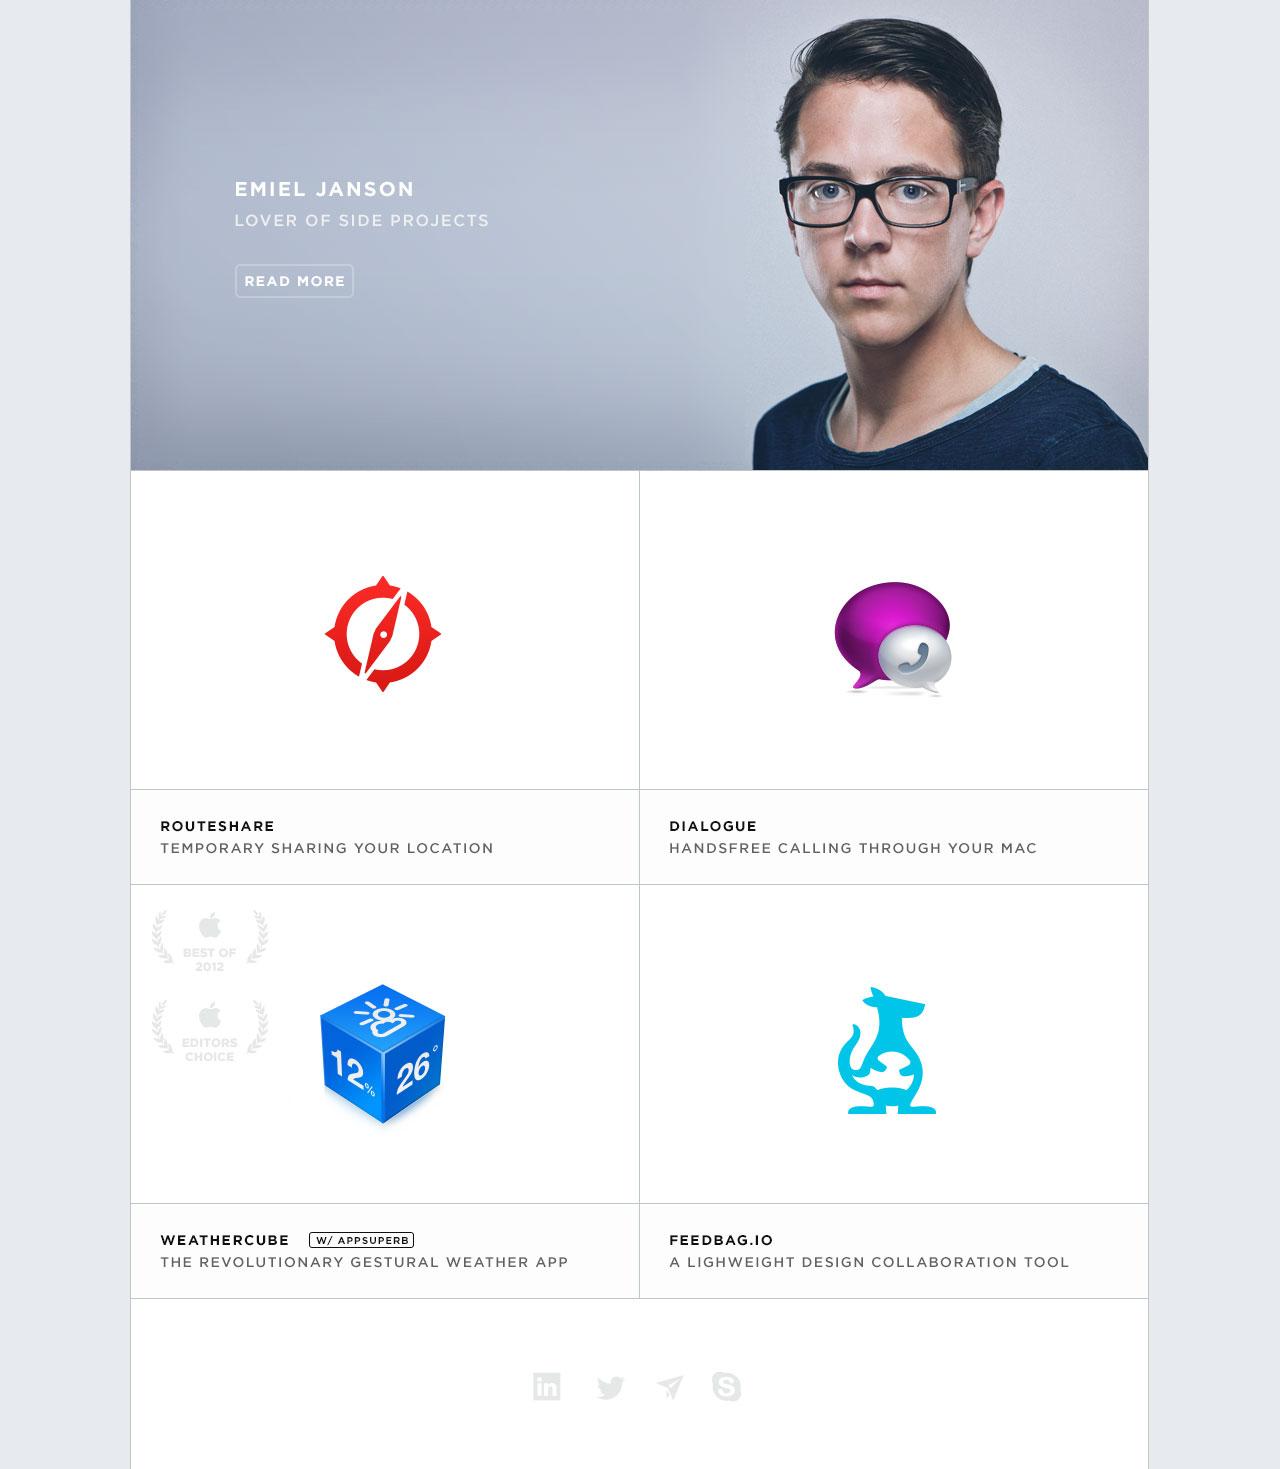 Emiel Janson Website Screenshot